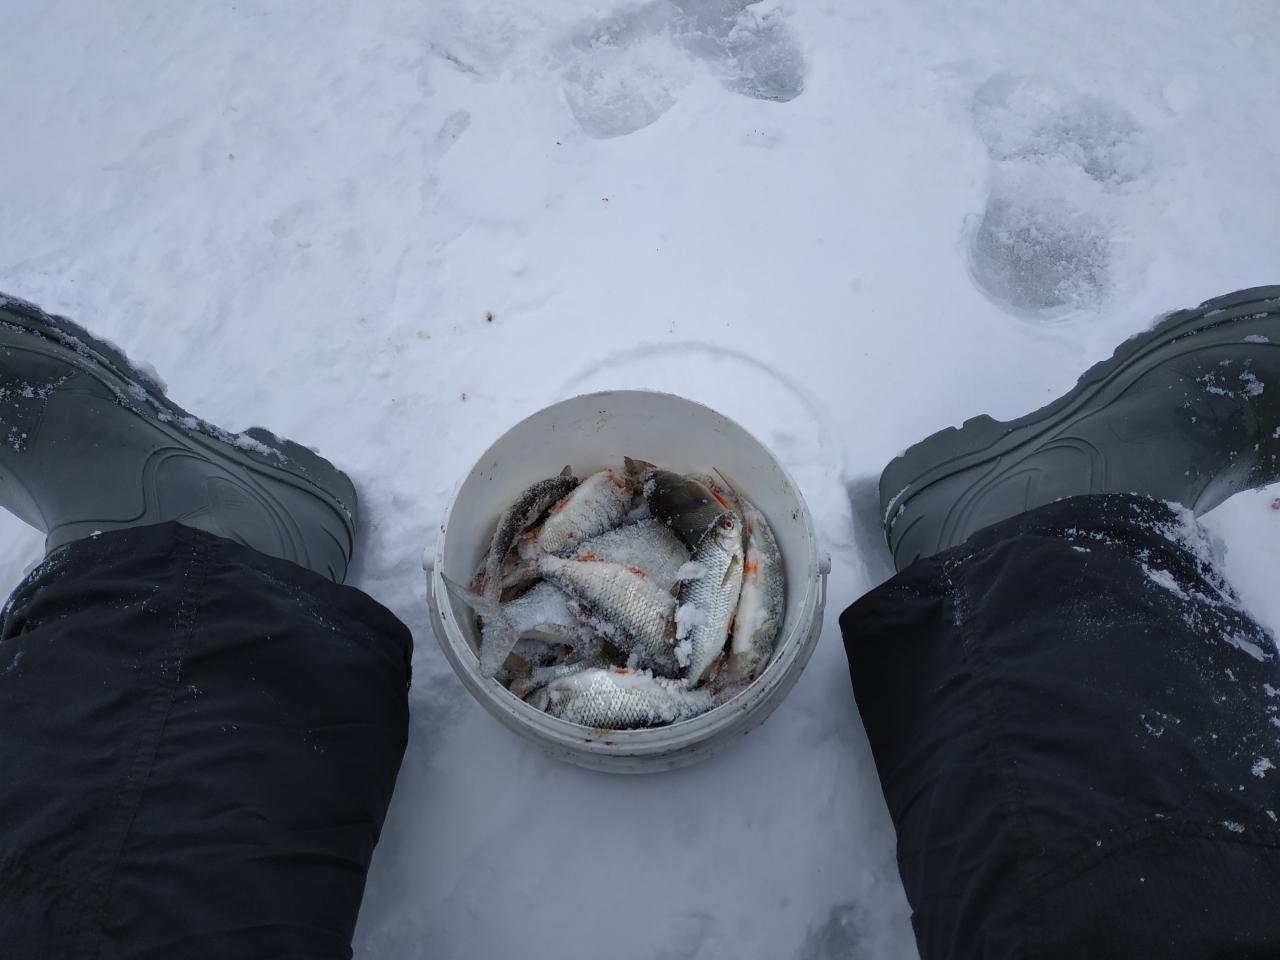 Сегодня вырвался на пару часиков (в 10 приехал ...   Отчеты о рыбалке в Беларуси